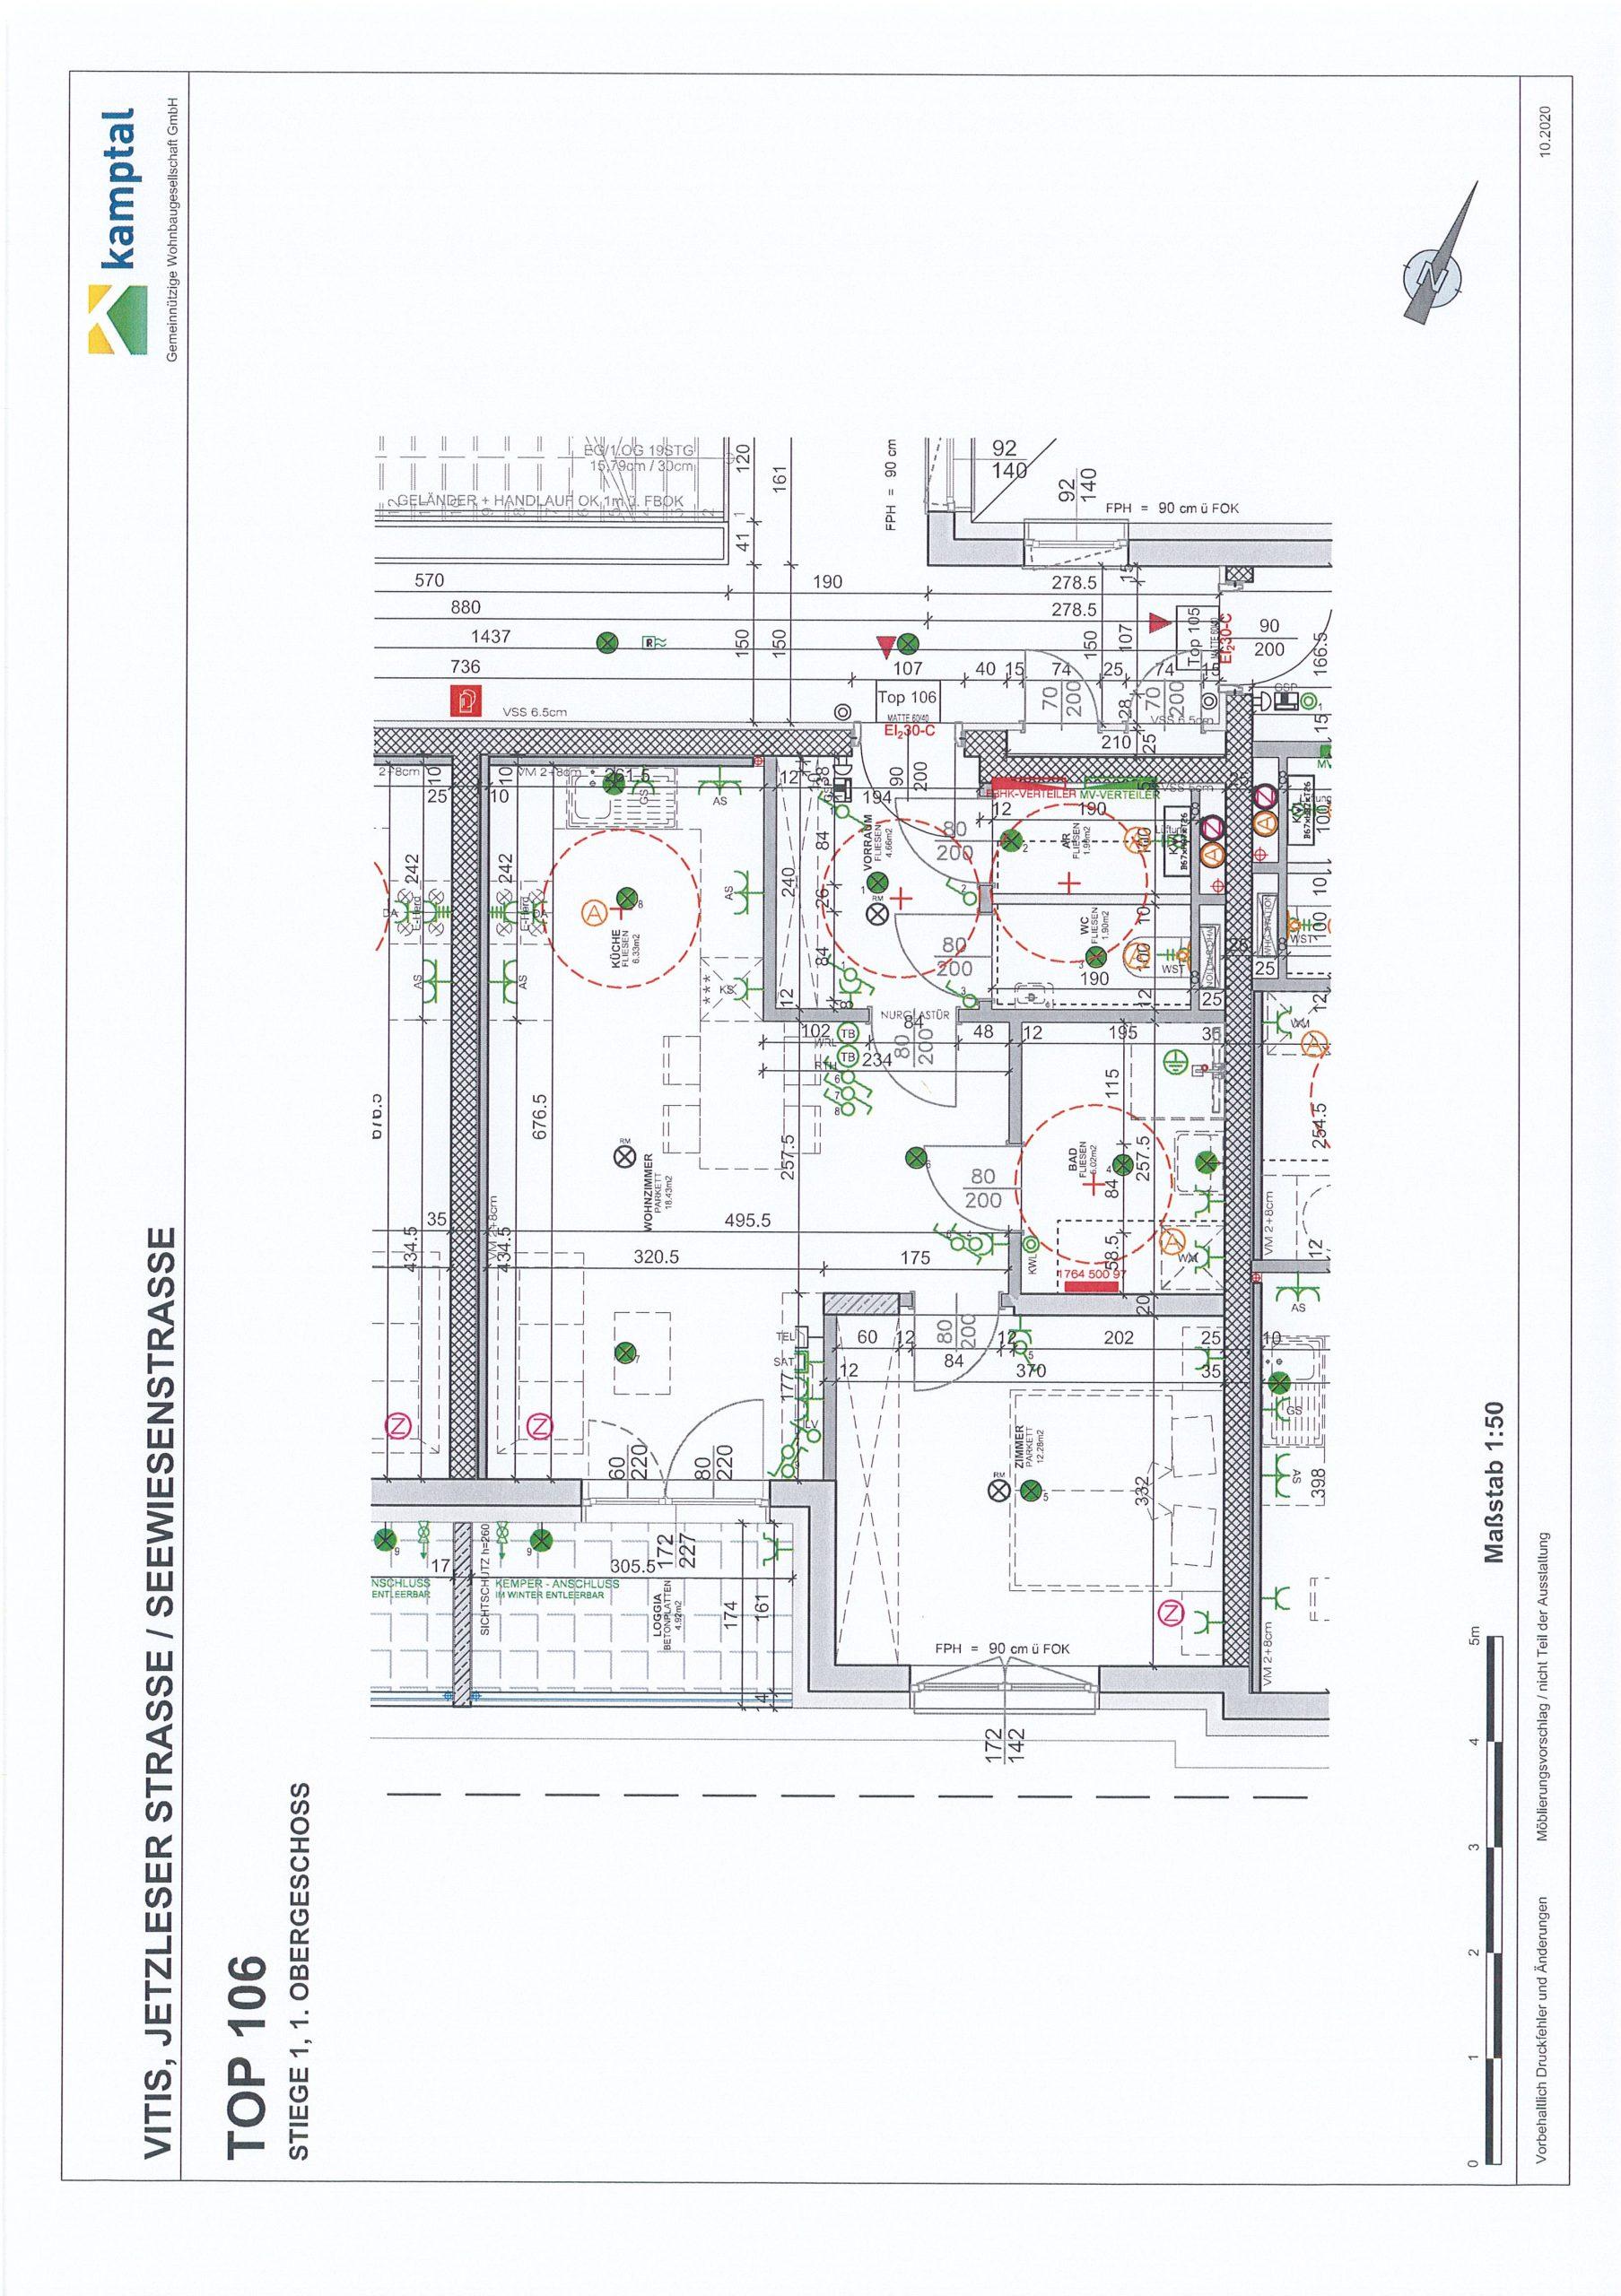 Immobilie von Kamptal in 3902 Vitis, Waidhofen an der Thaya - Top: 106 #1